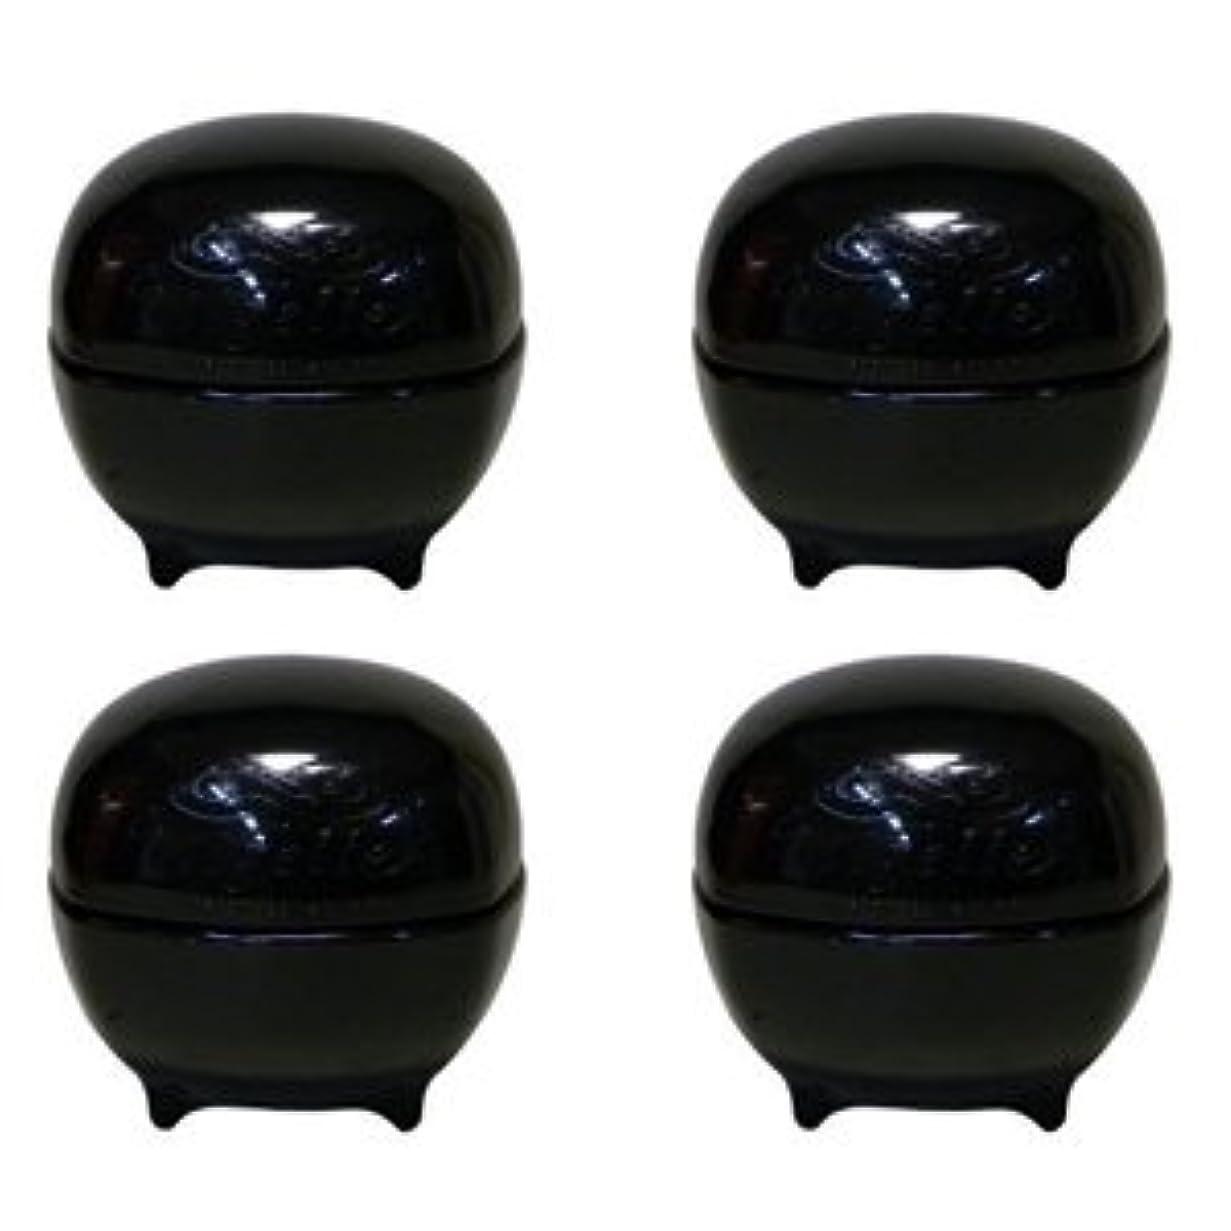 コンプリート偶然のやむを得ない【X4個セット】 ミルボン ニゼル グラスプワックス 80g (ニゼルドレシアコレクション) GRASP WAX MILBON